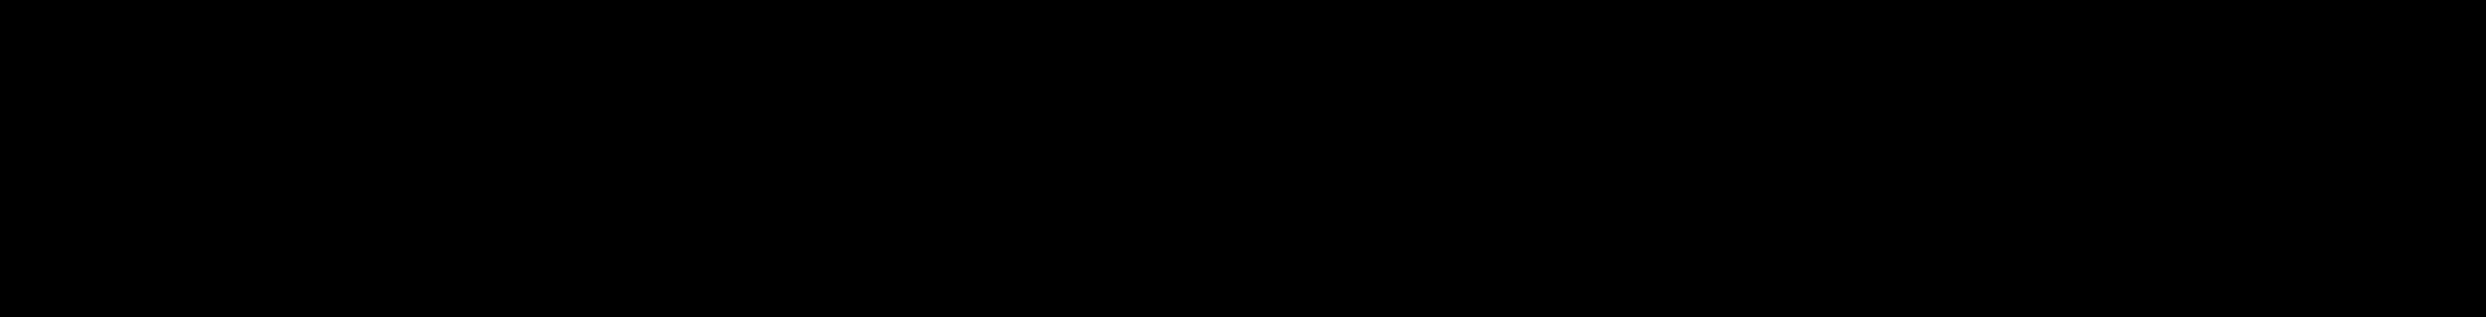 Loblaw Digital のロゴ